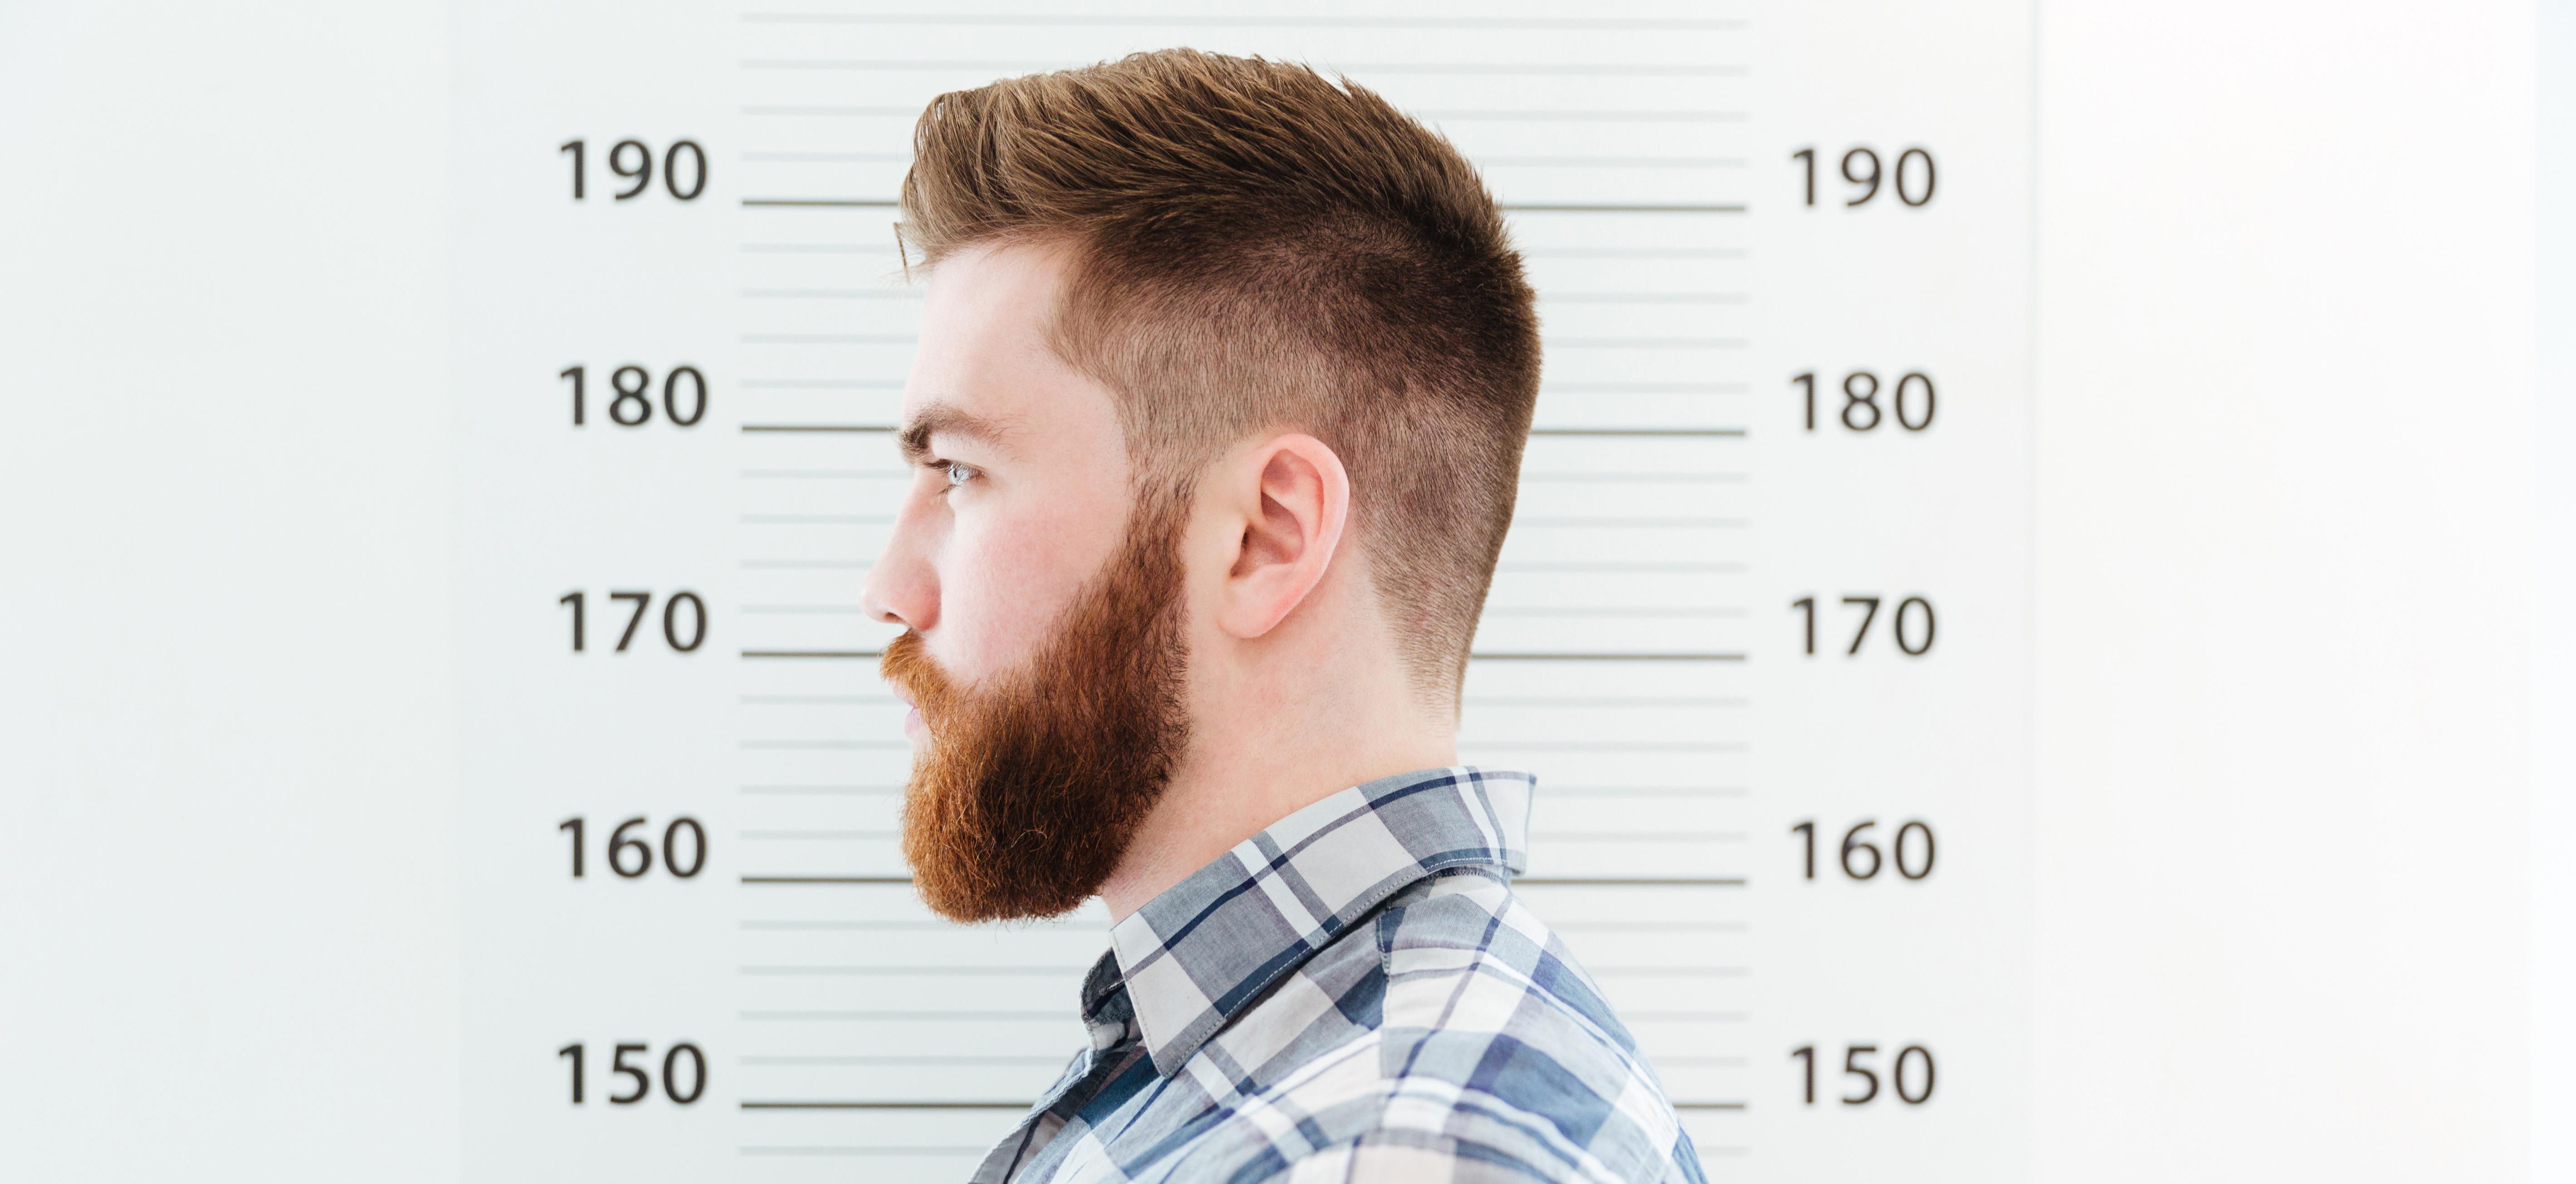 applicants' criminal history